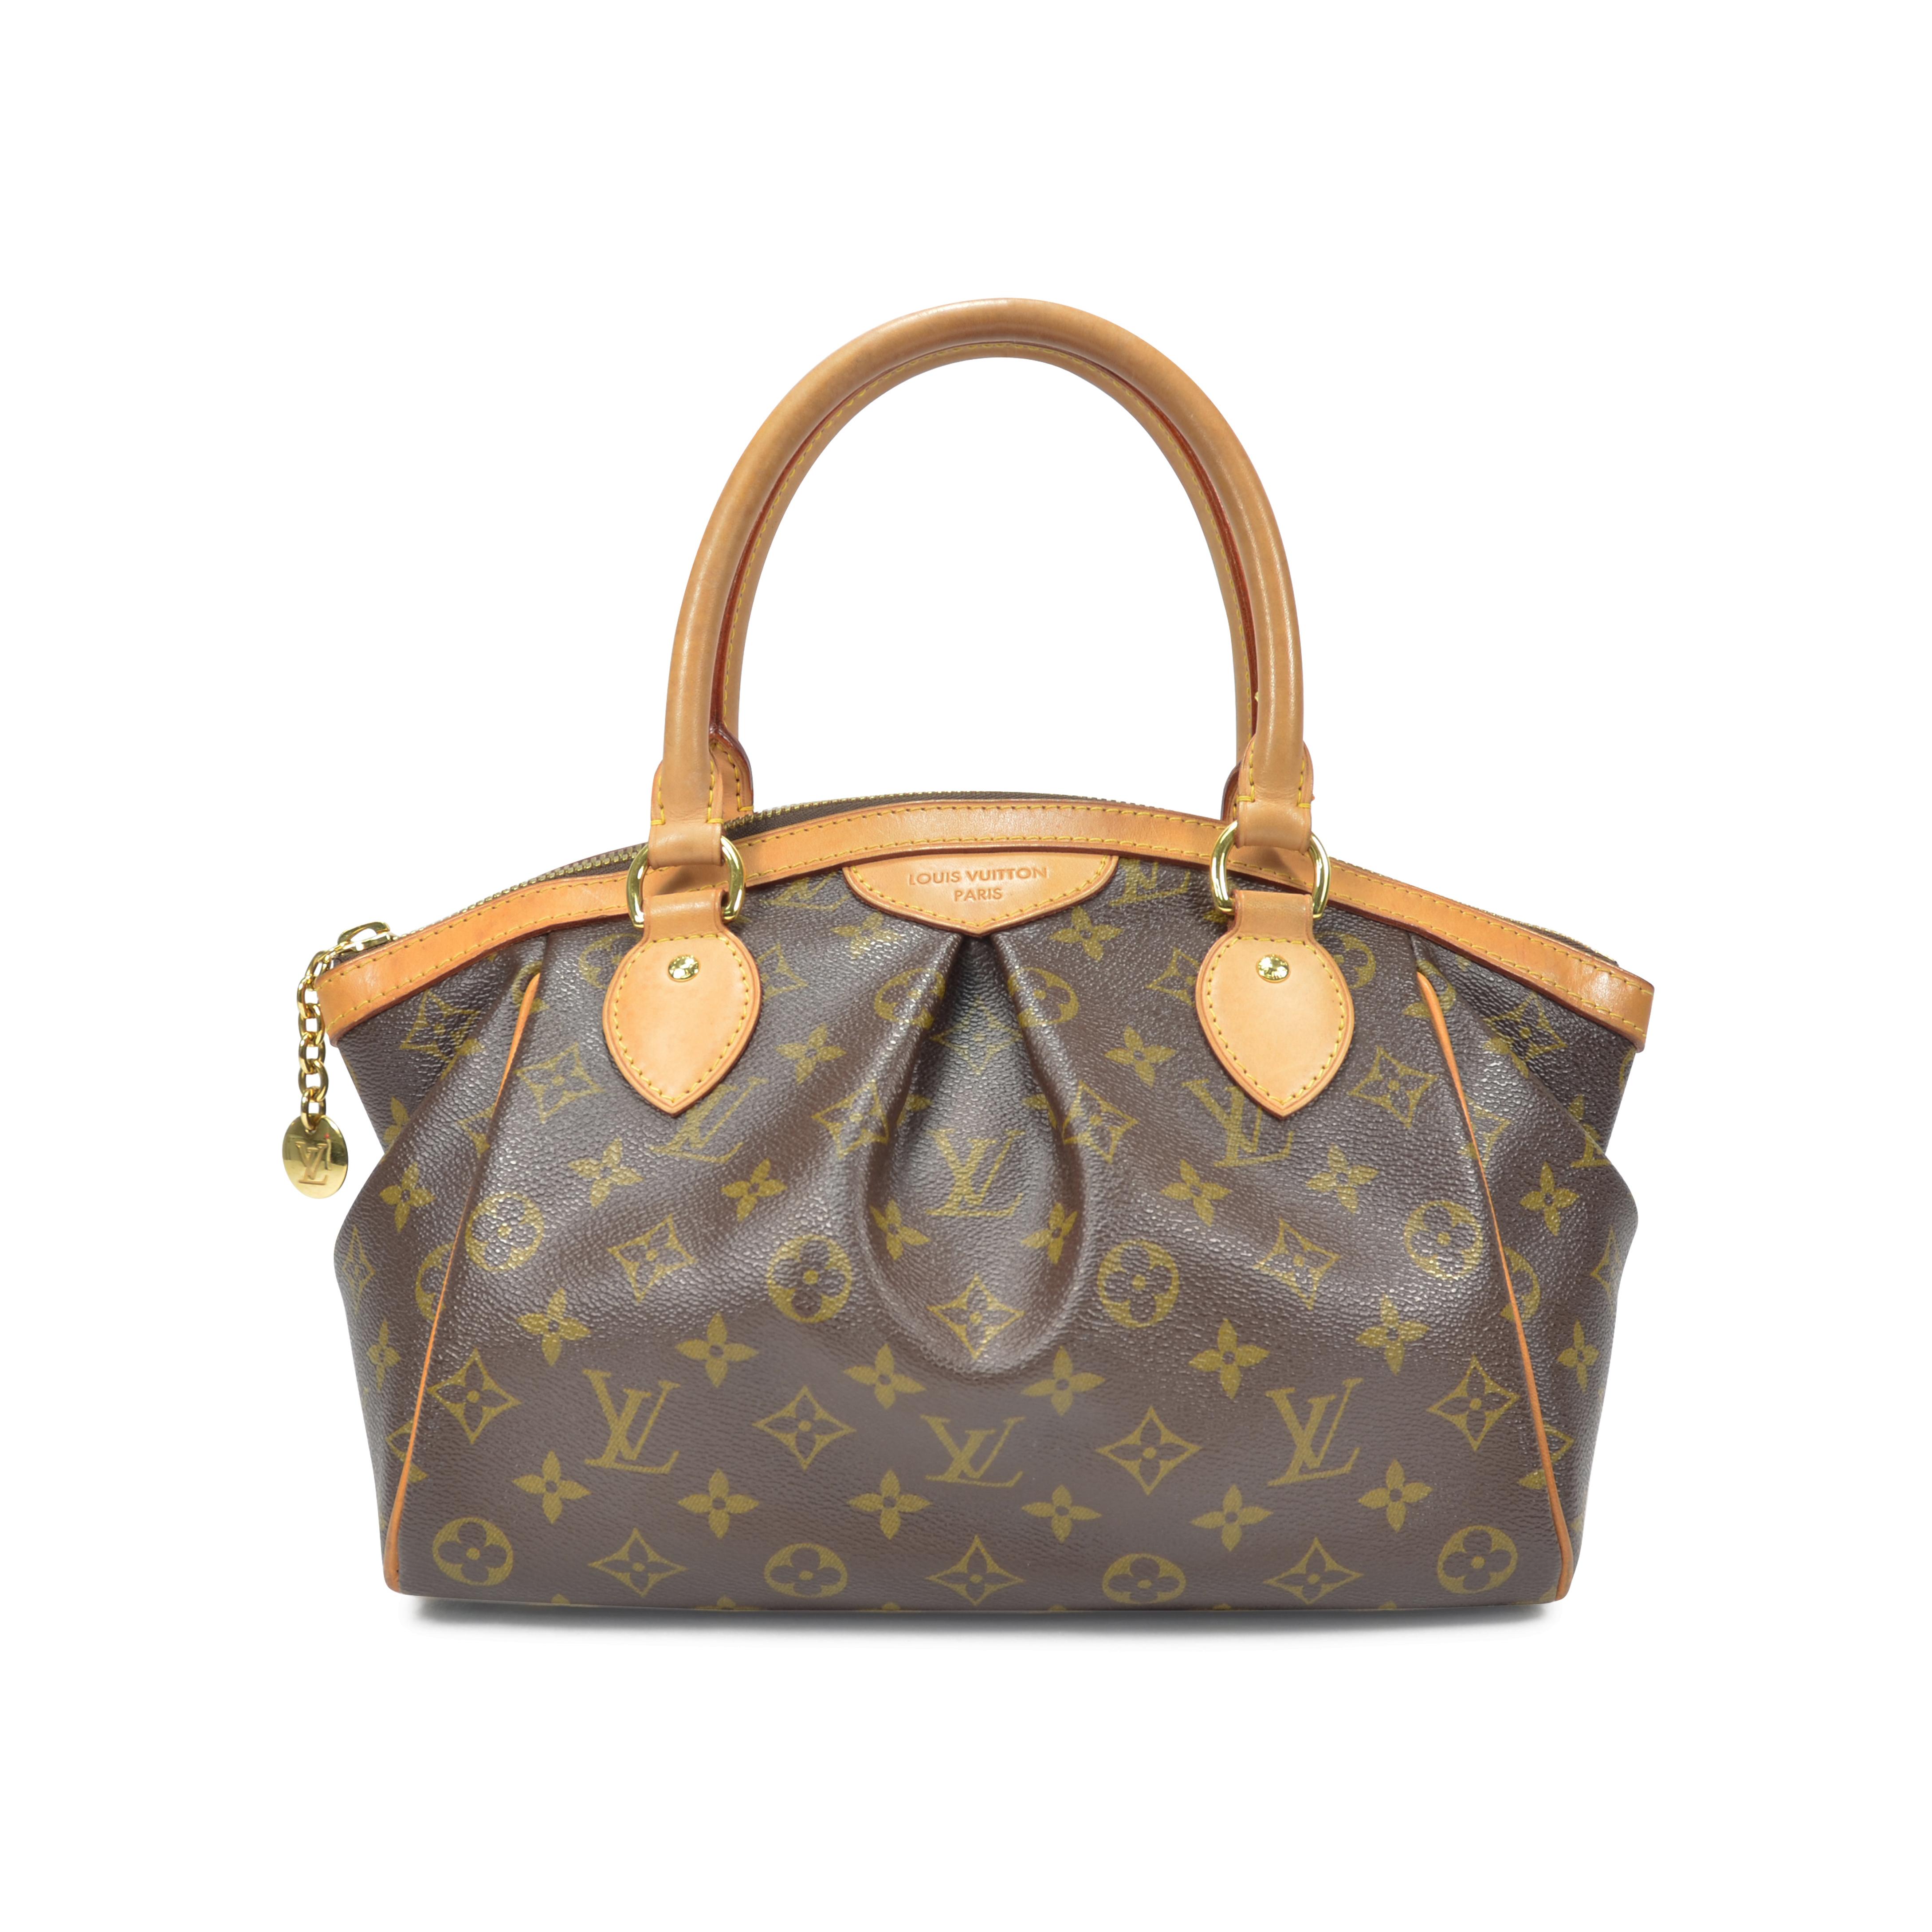 44ecc5d4a3af Authentic Second Hand Louis Vuitton Tivoli PM Monogram Bag (PSS-320-00002)